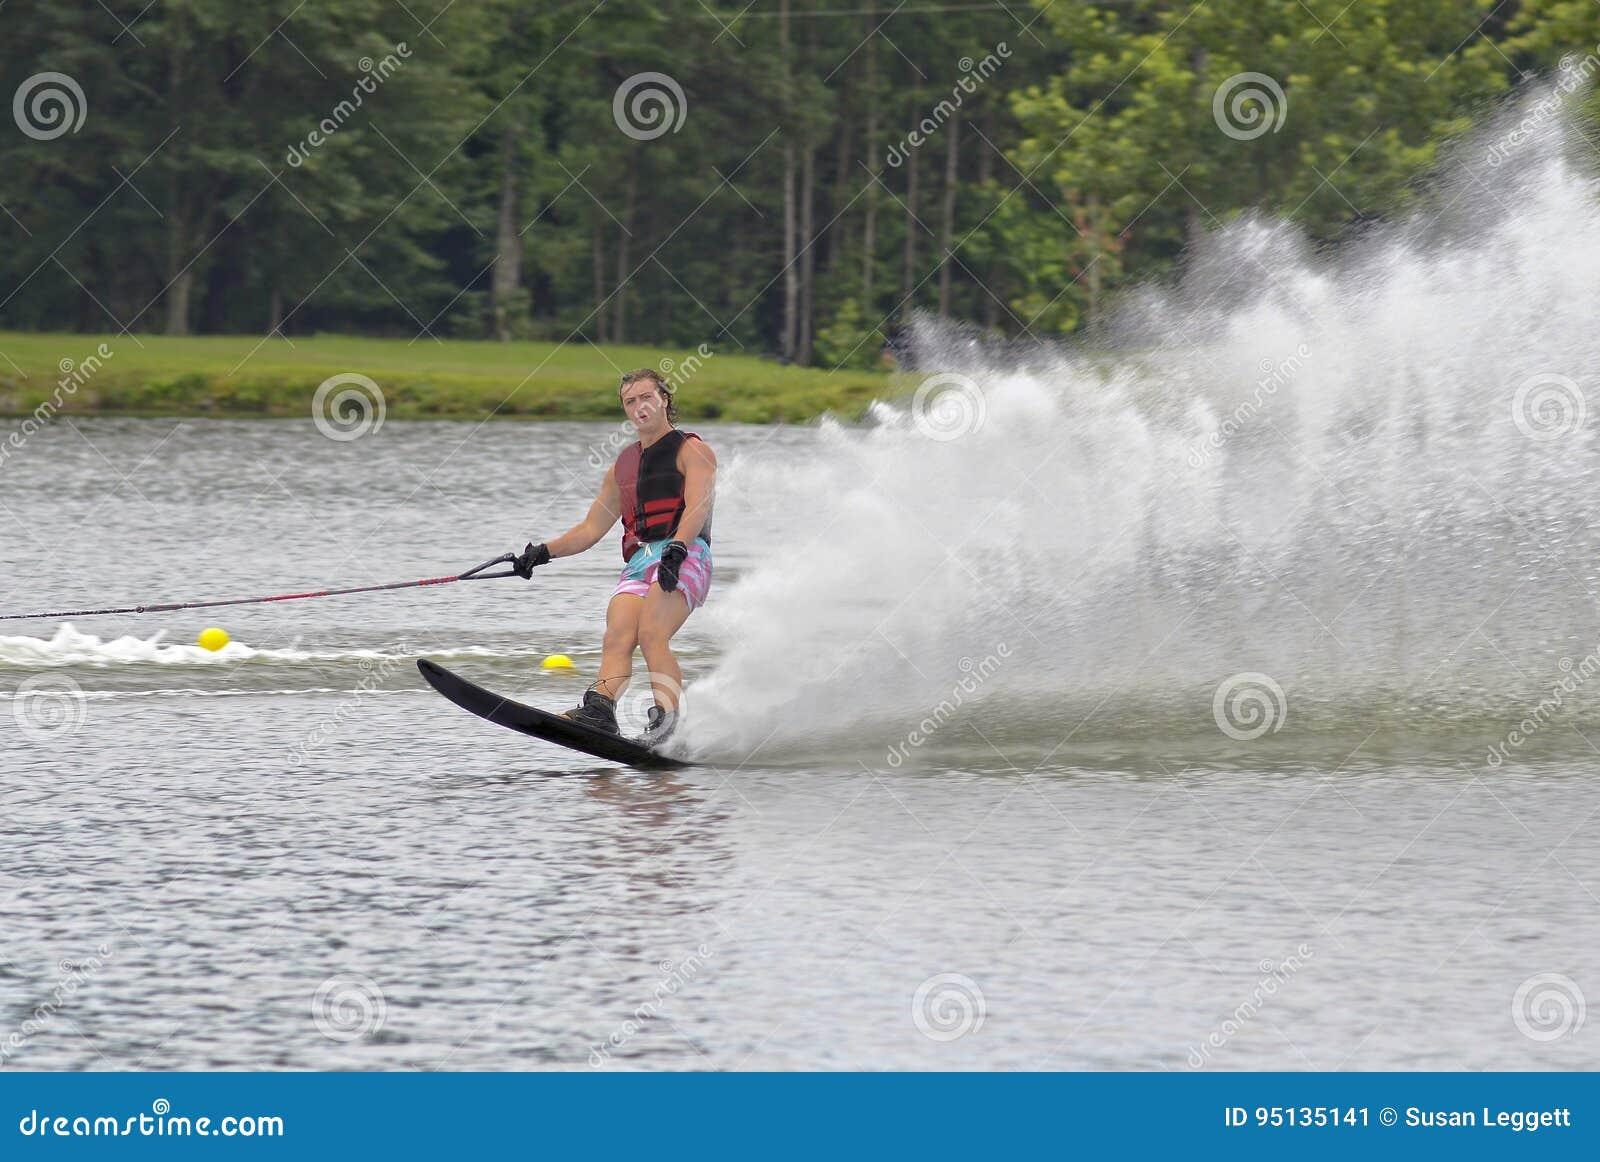 Skieur à la fin de sa course